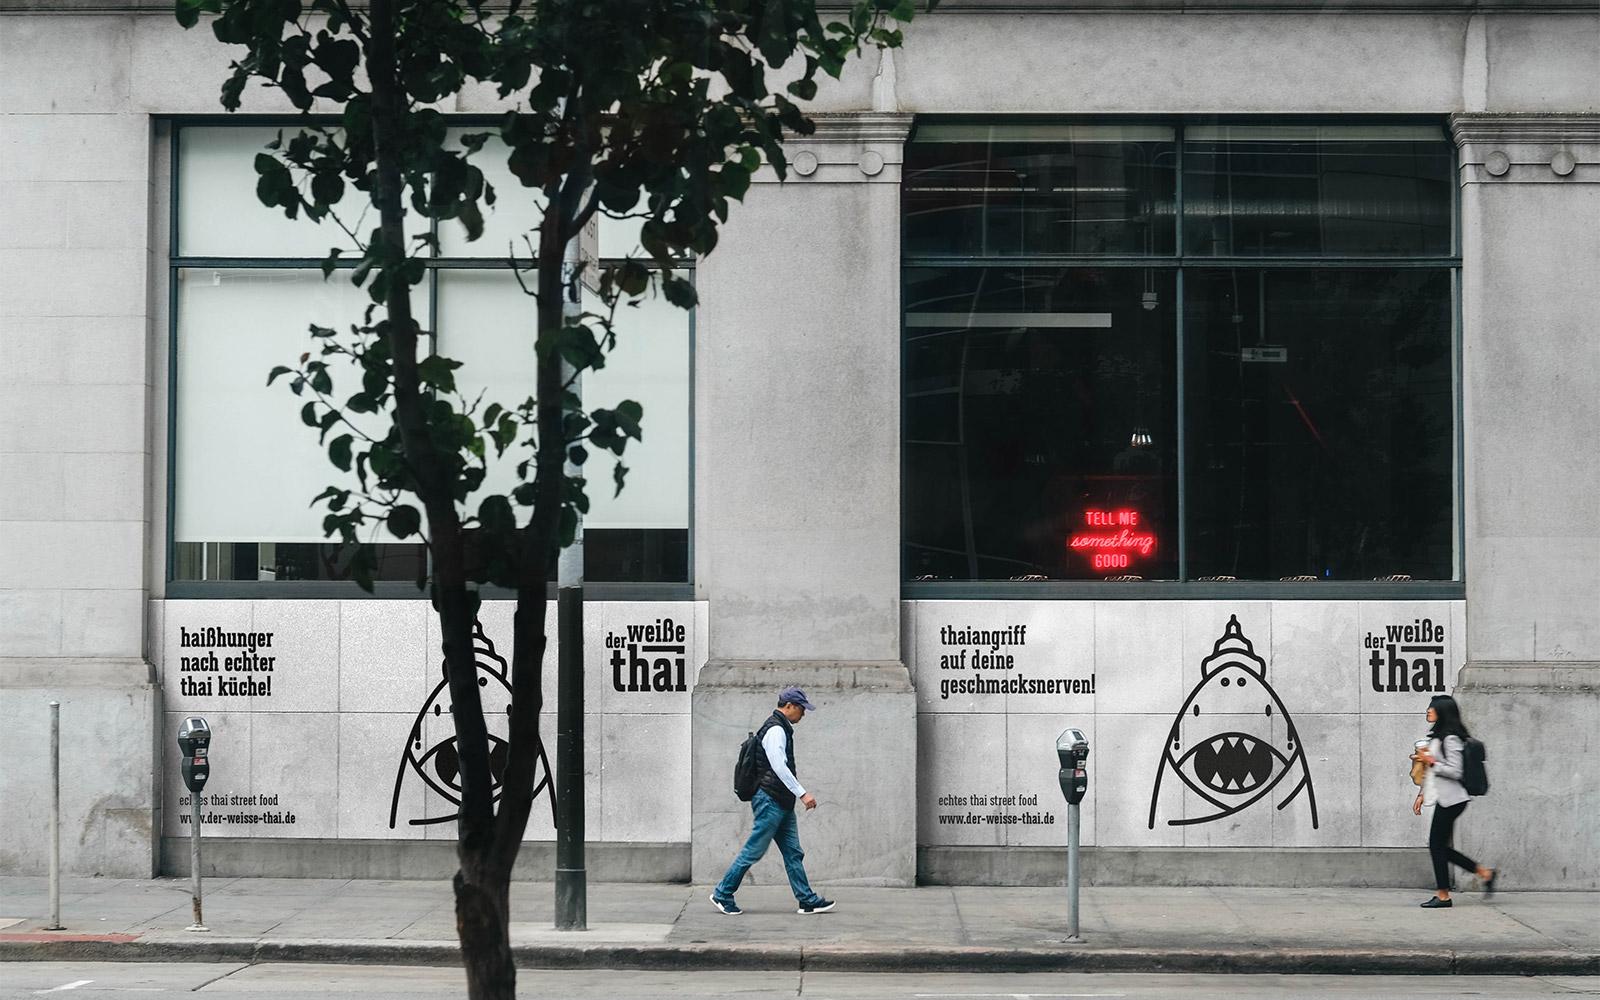 Der weiße Thai – Streetart